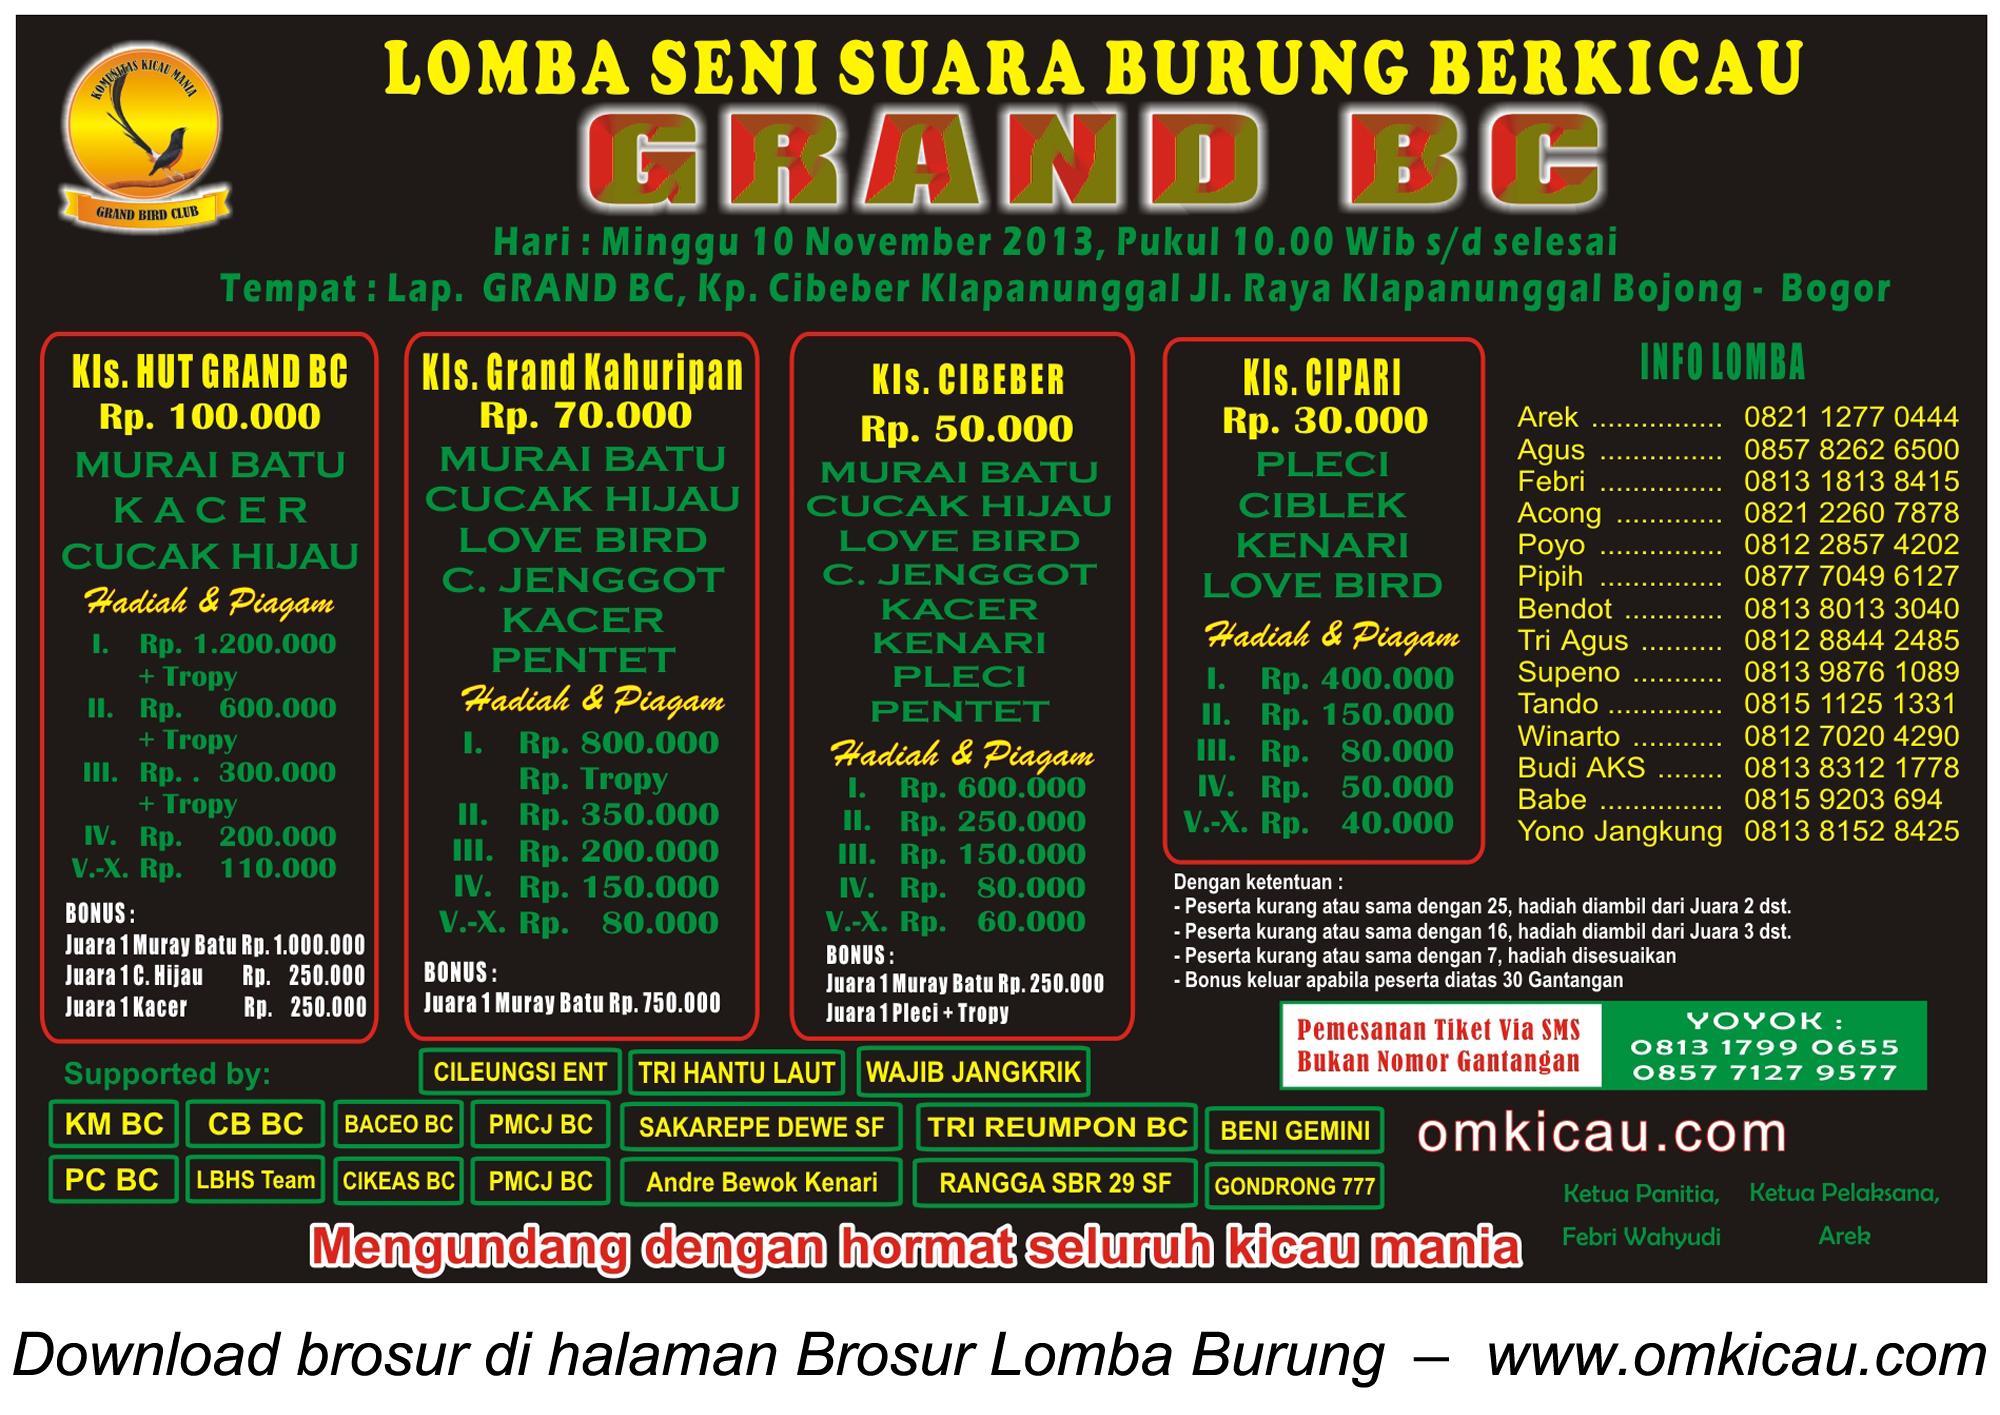 Brosur Lomba Burung Berkicau Grand BC, Bogor, 10 November 2013